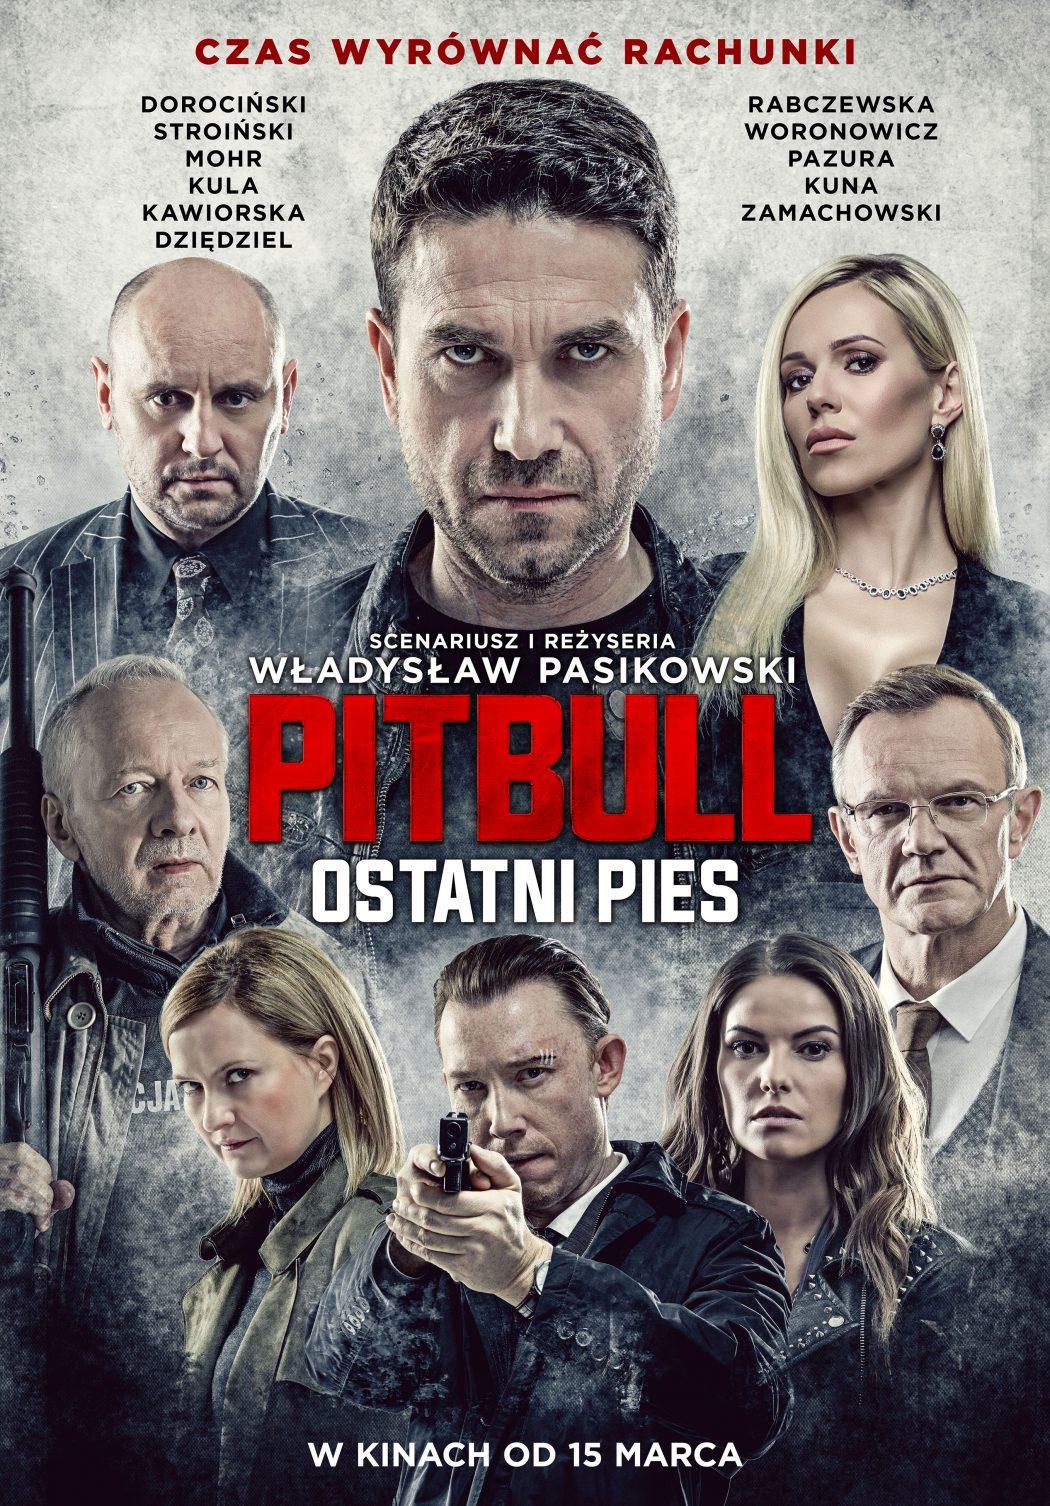 """magazynkobiet.pl - PitbullOstatniPies OficjalnyPlakat 1050x1506 - Pokazy przedpremierowe megahitu """"Pitbull. Ostatni pies"""" w Cinema City"""